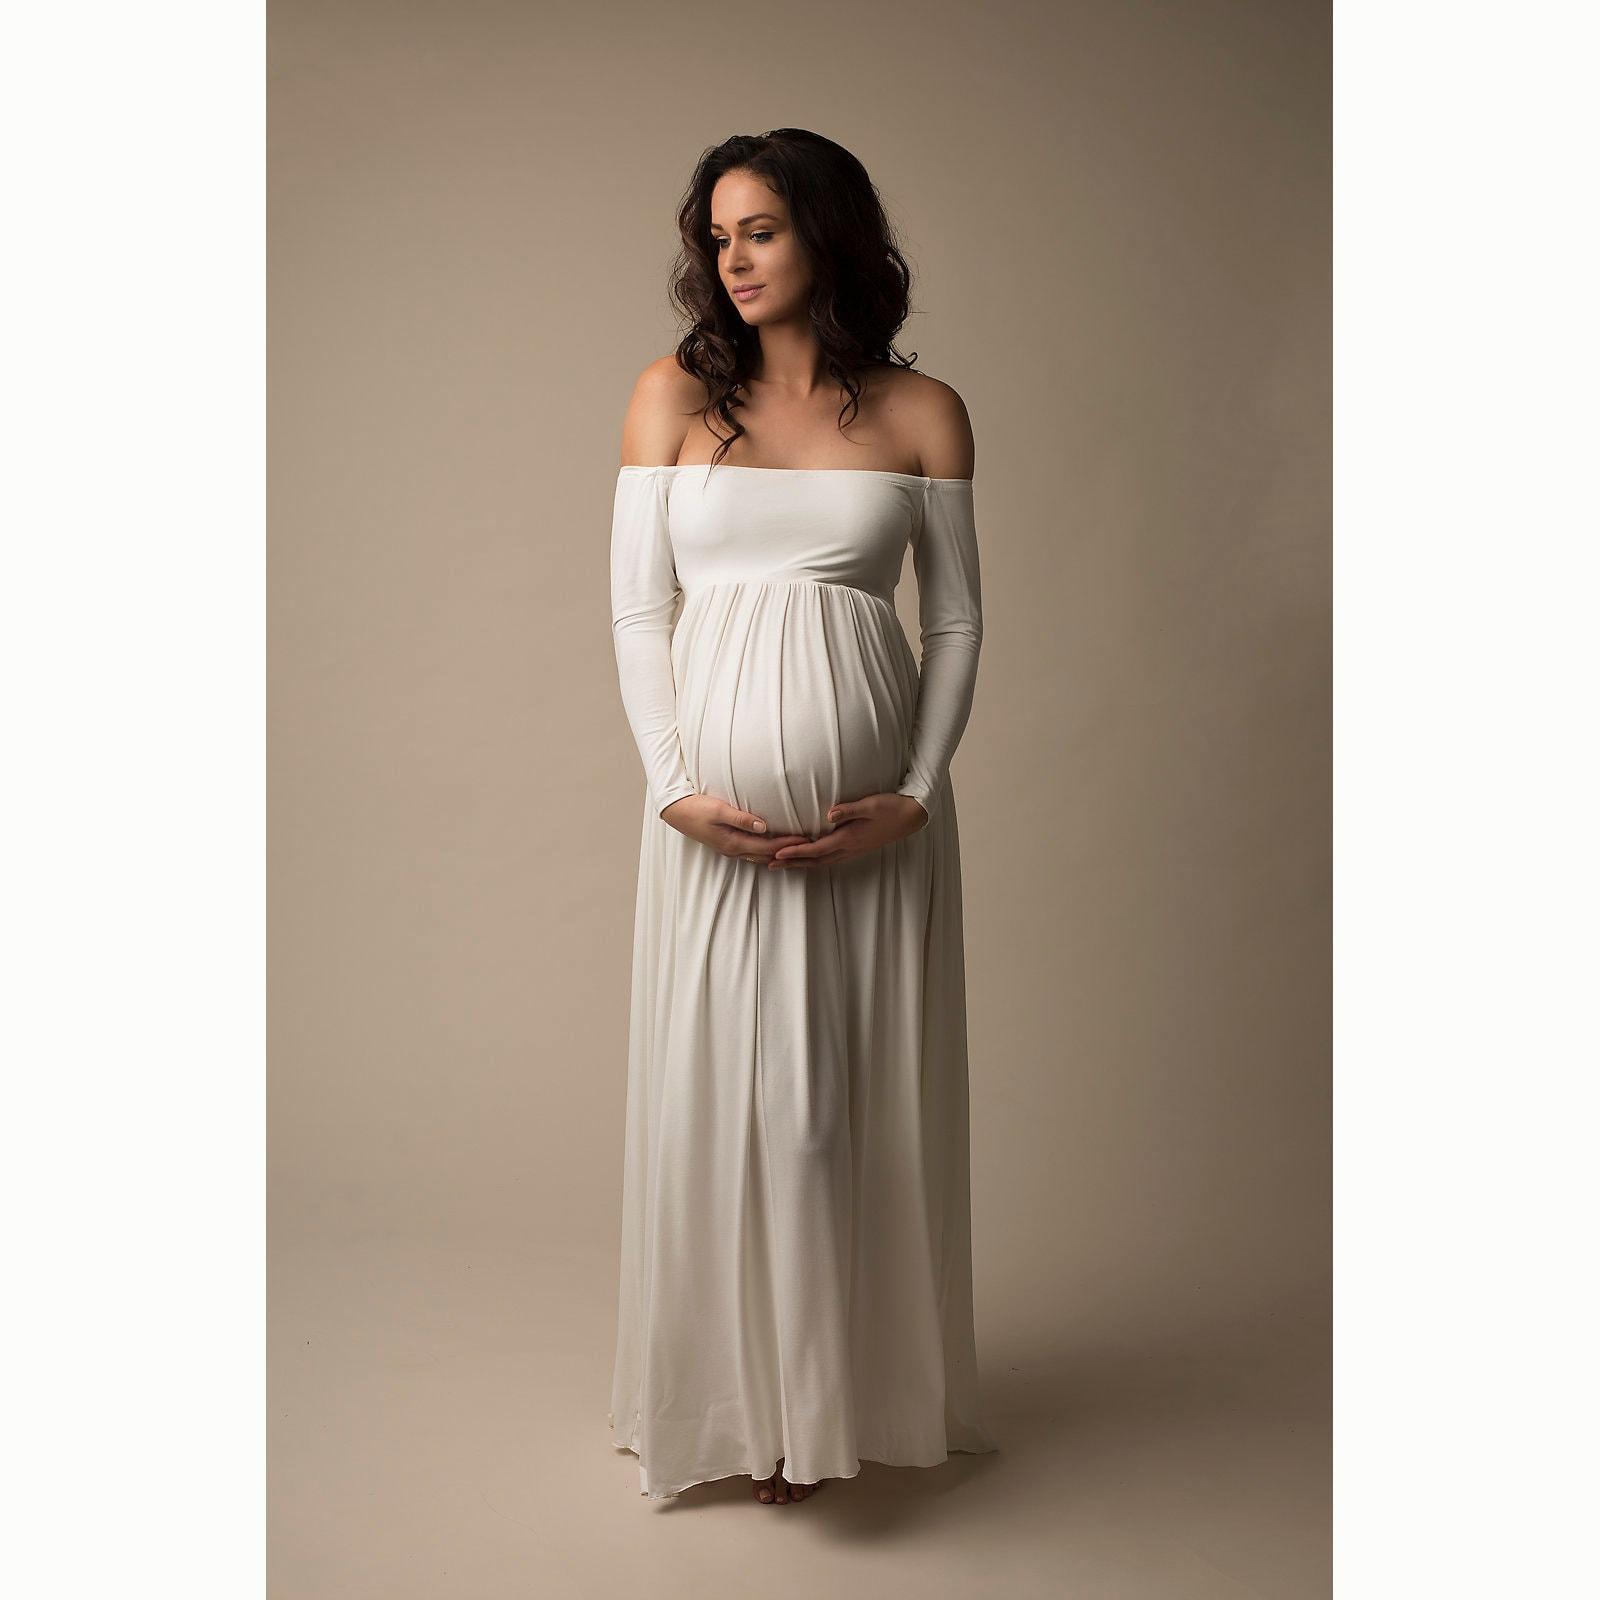 e5b617ce2928 Boronia Babyshower Dress / Off shoulder long sleeves / Maxi   Etsy